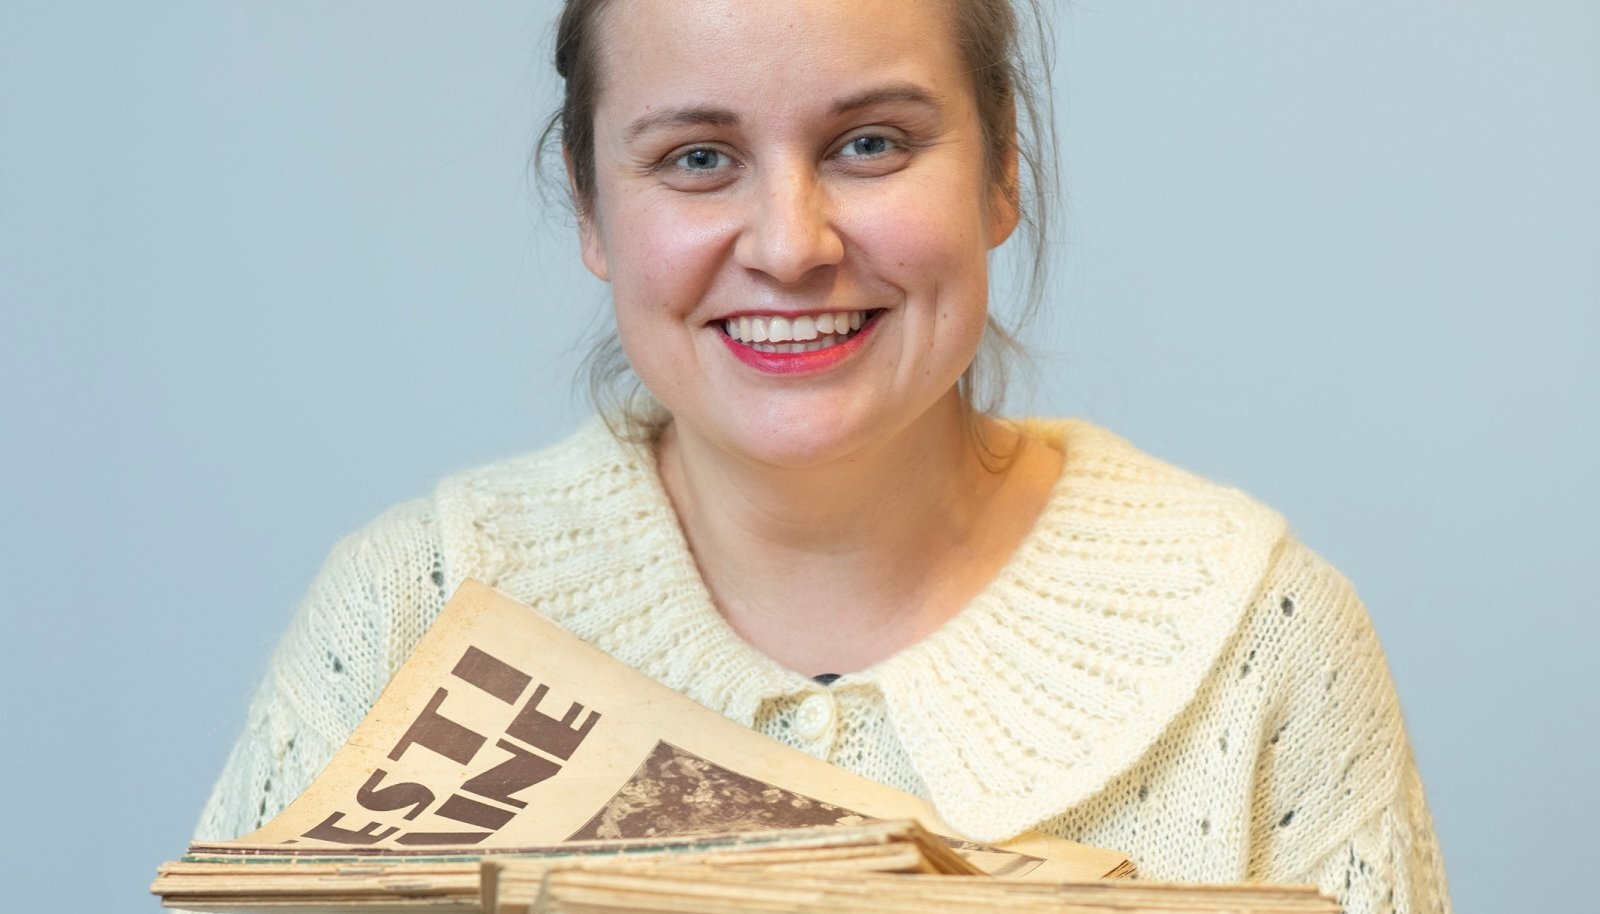 Liis Auväärt koos Eesti Naise lugejate saadetud vanade ajakirjanumbritega.